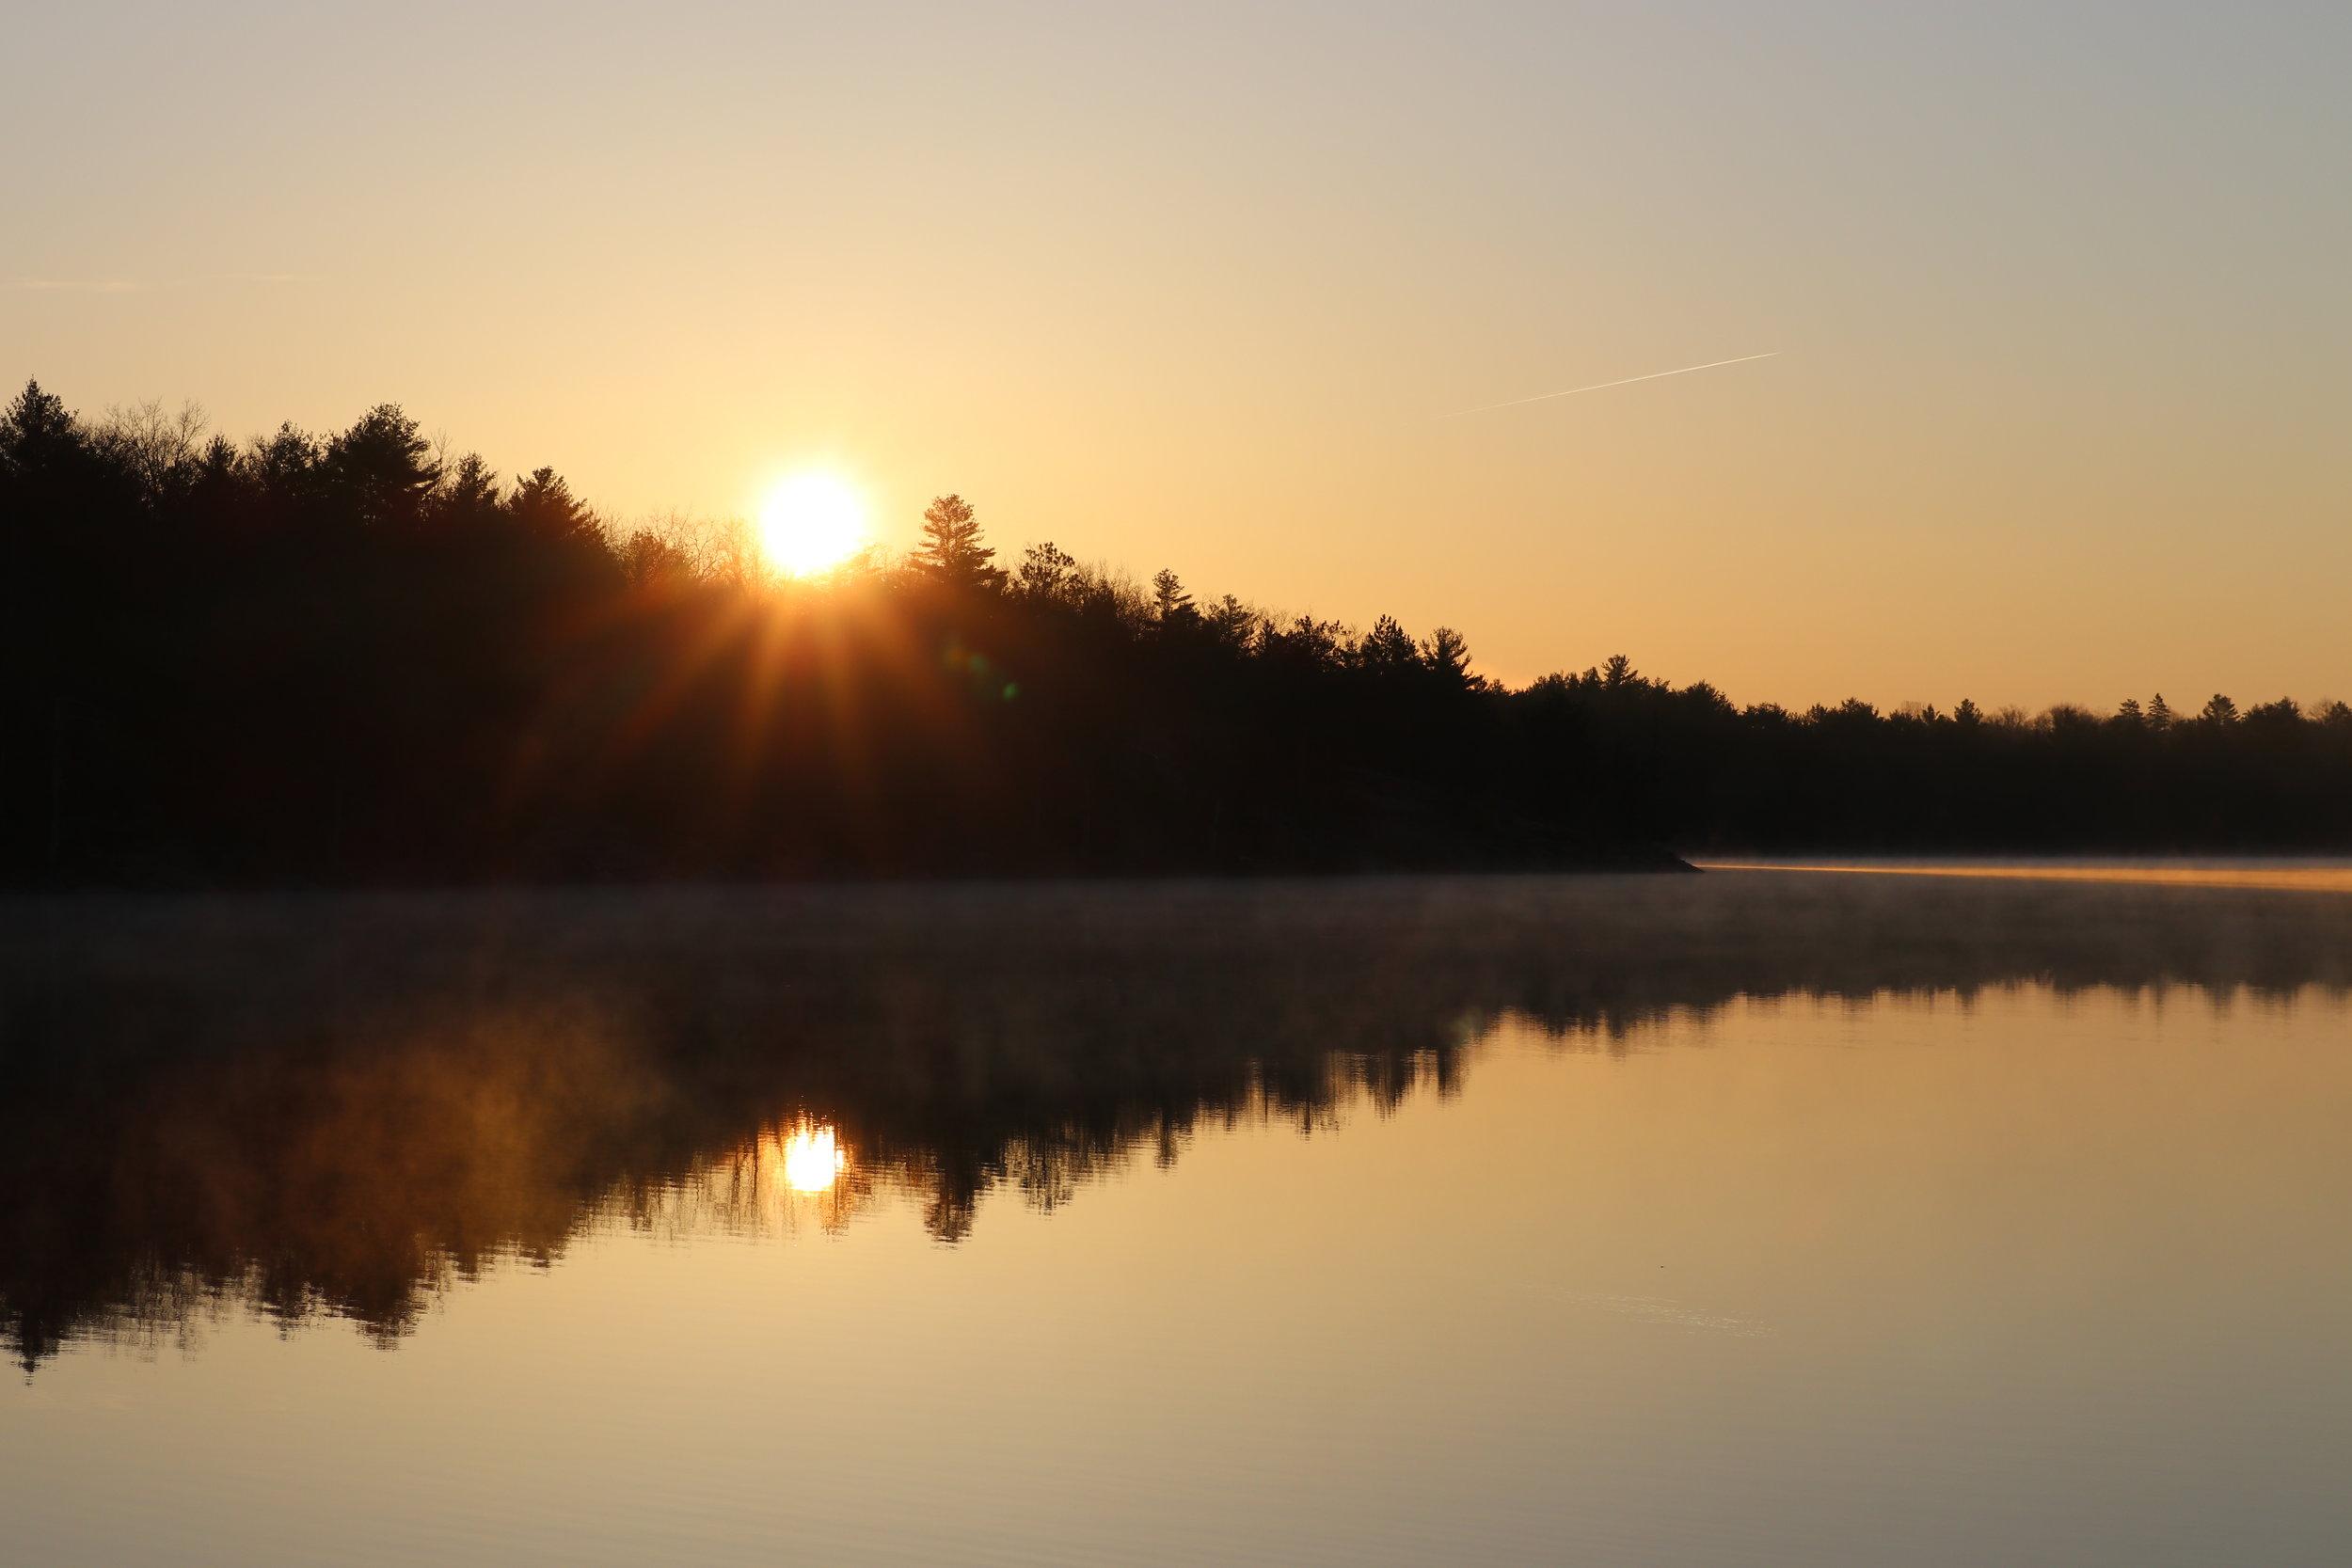 Sunrise on Serpentine Lake site #220